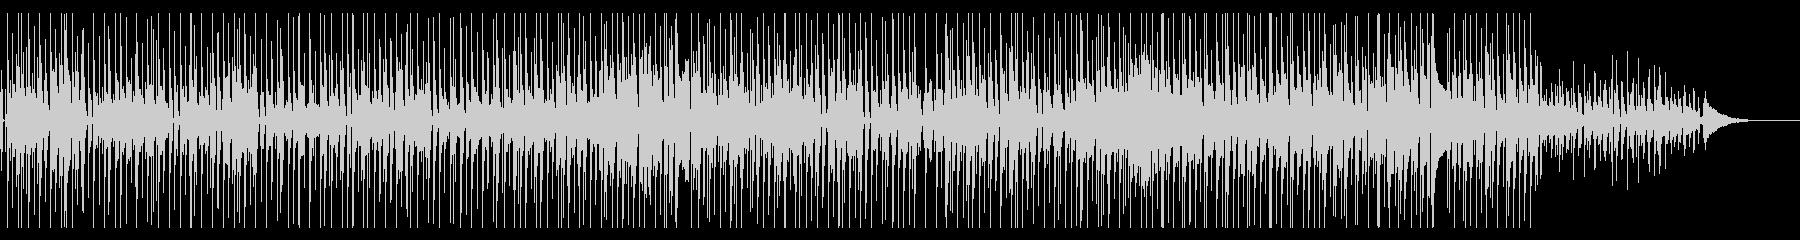 ゆったりとしたポップス風のBGMです。の未再生の波形